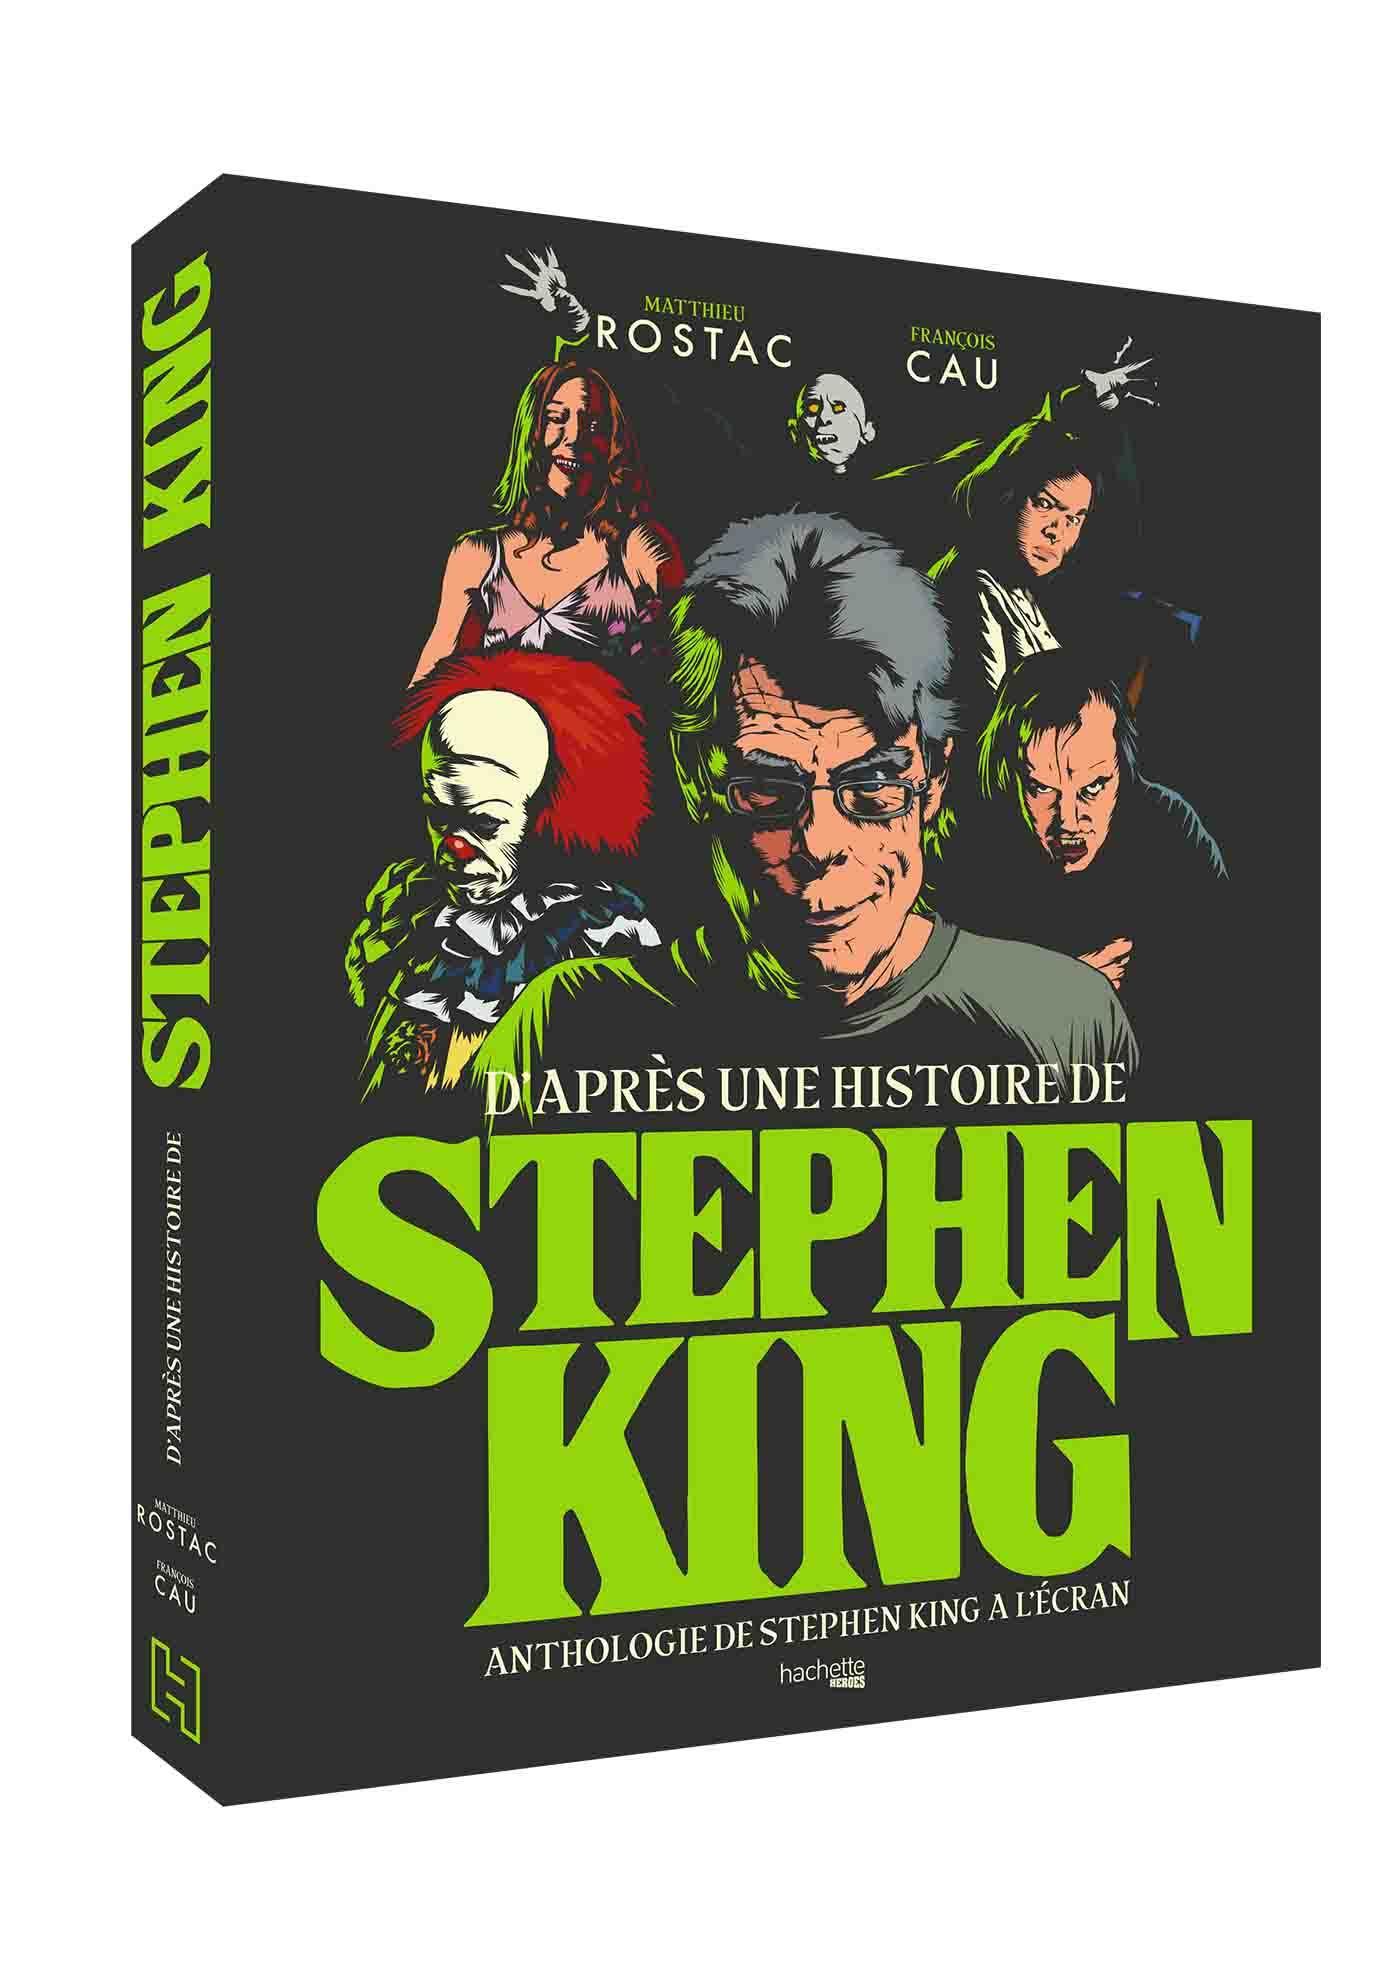 D'APRES UNE HISTOIRE DE STEPHEN KING - ANTHOLOGIE DE STEPHEN KING A L'ECRAN